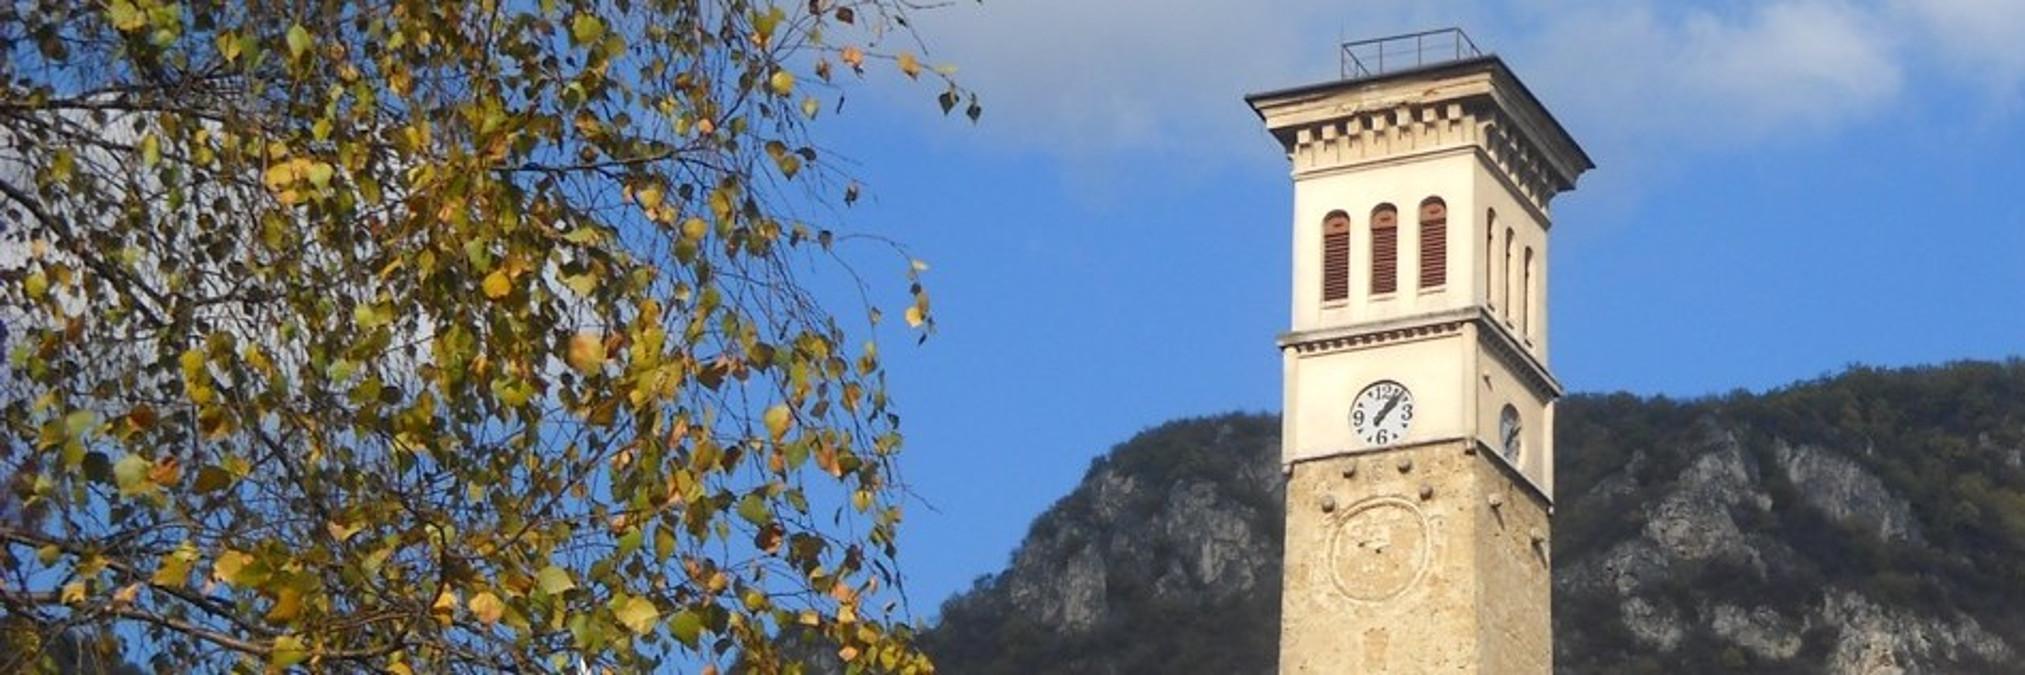 Часовая башня на Мусале в Травнике